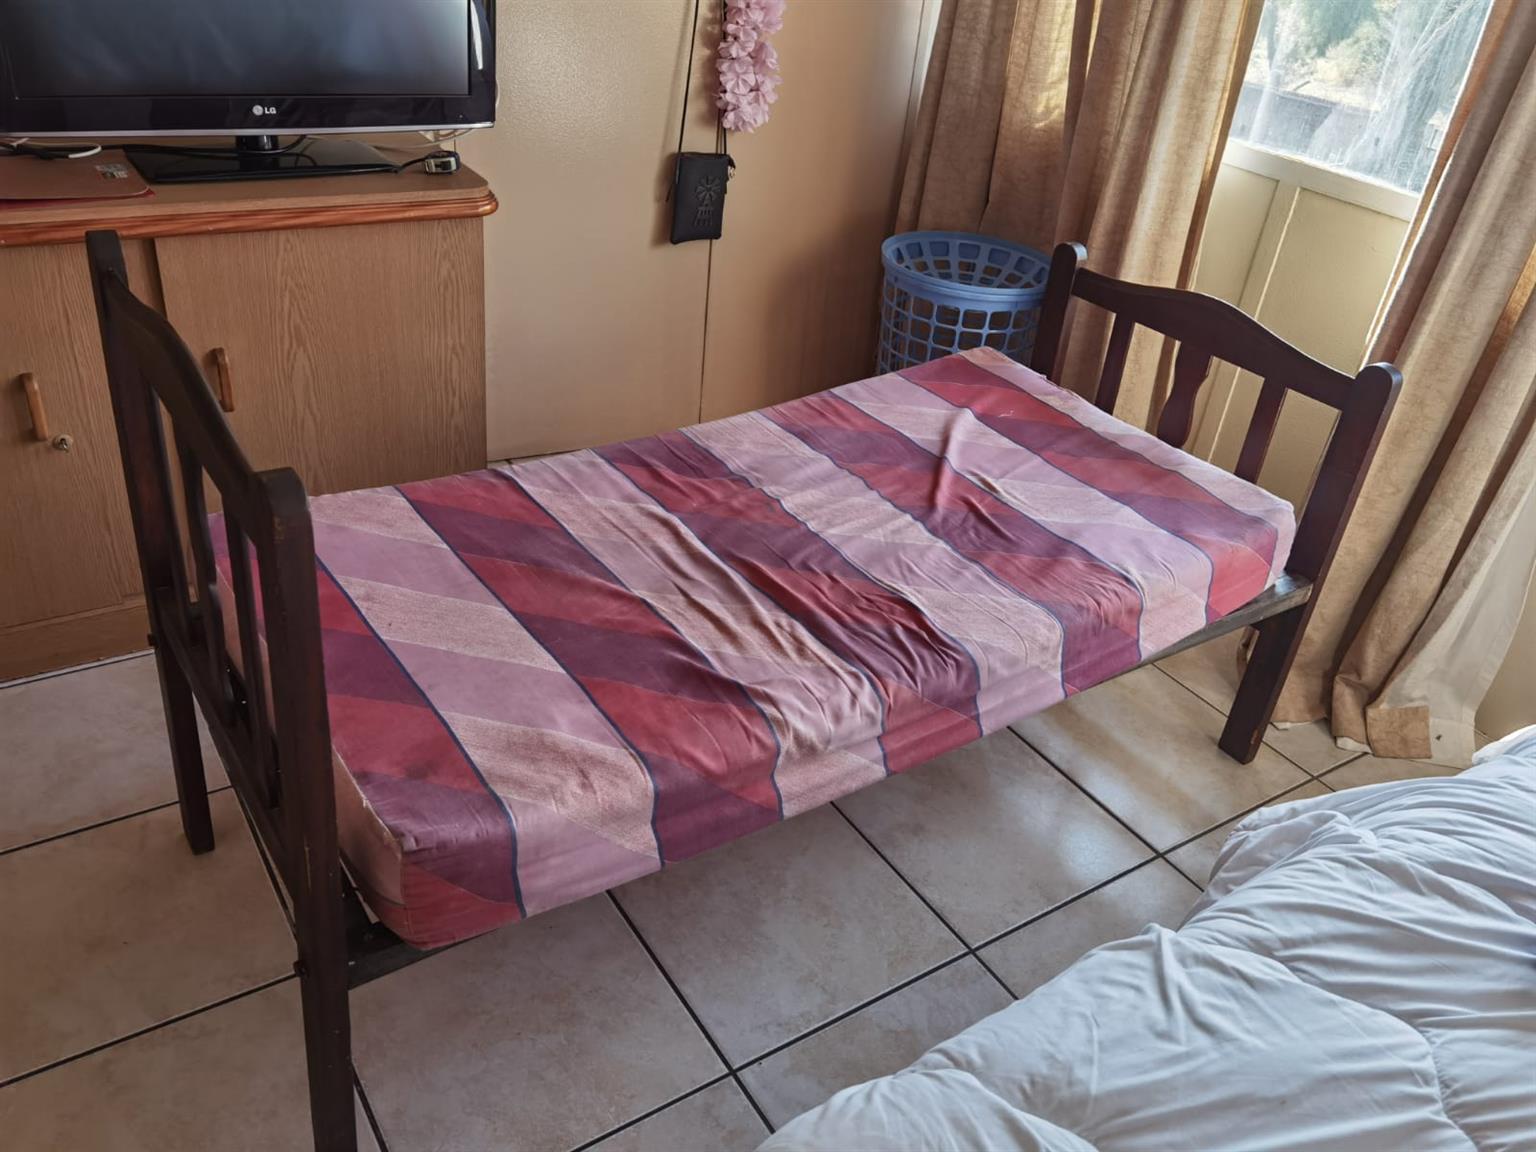 Kinder bed 159x69 R800